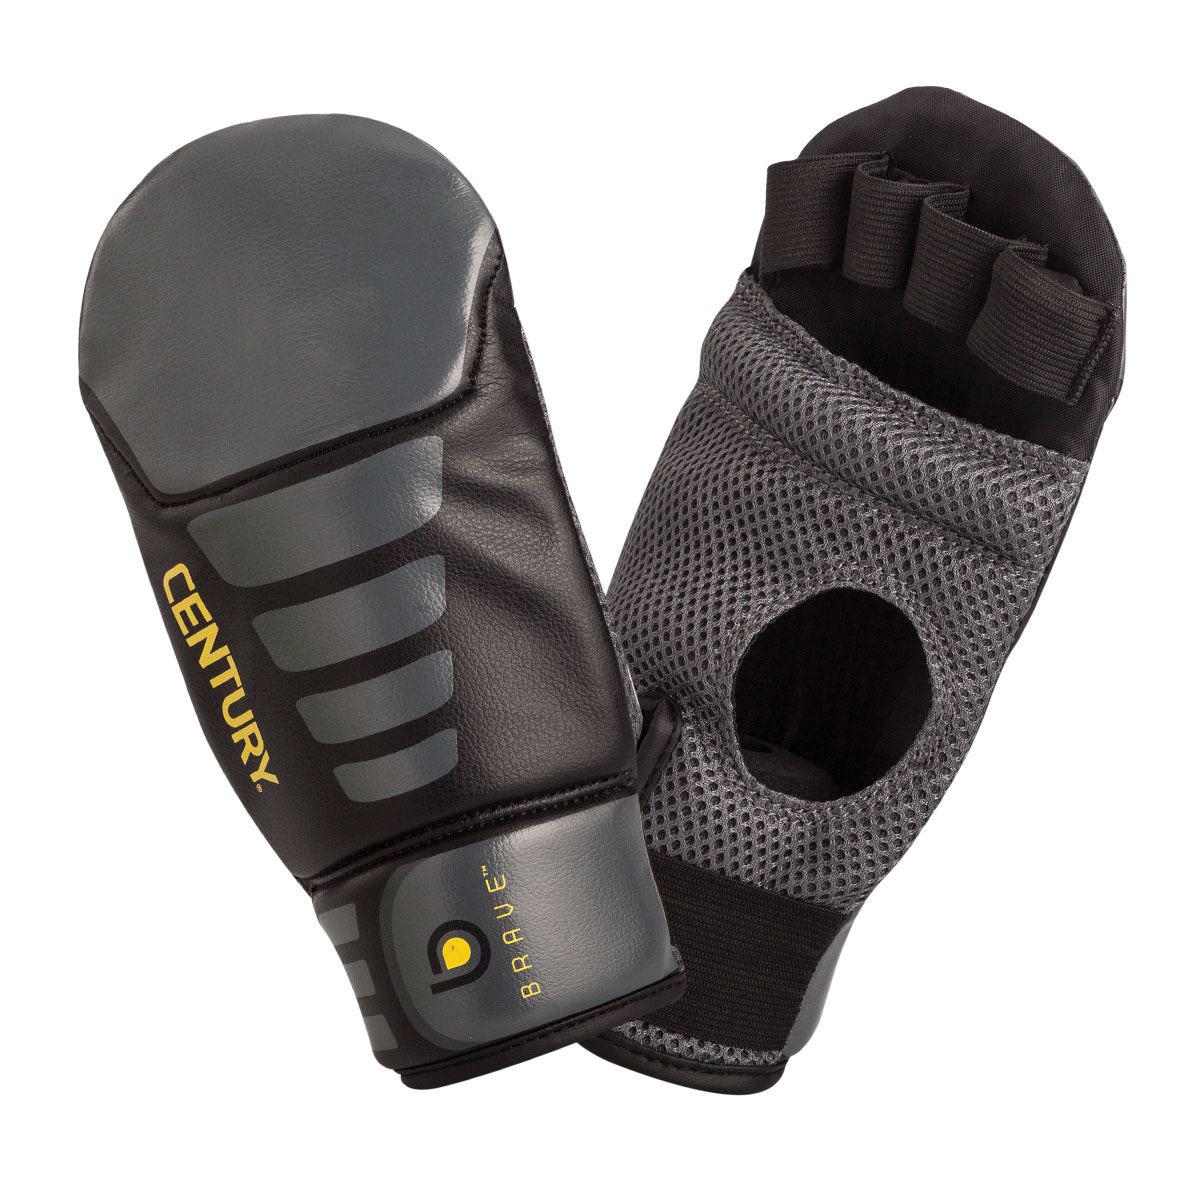 Bag Gloves ($29 Value)